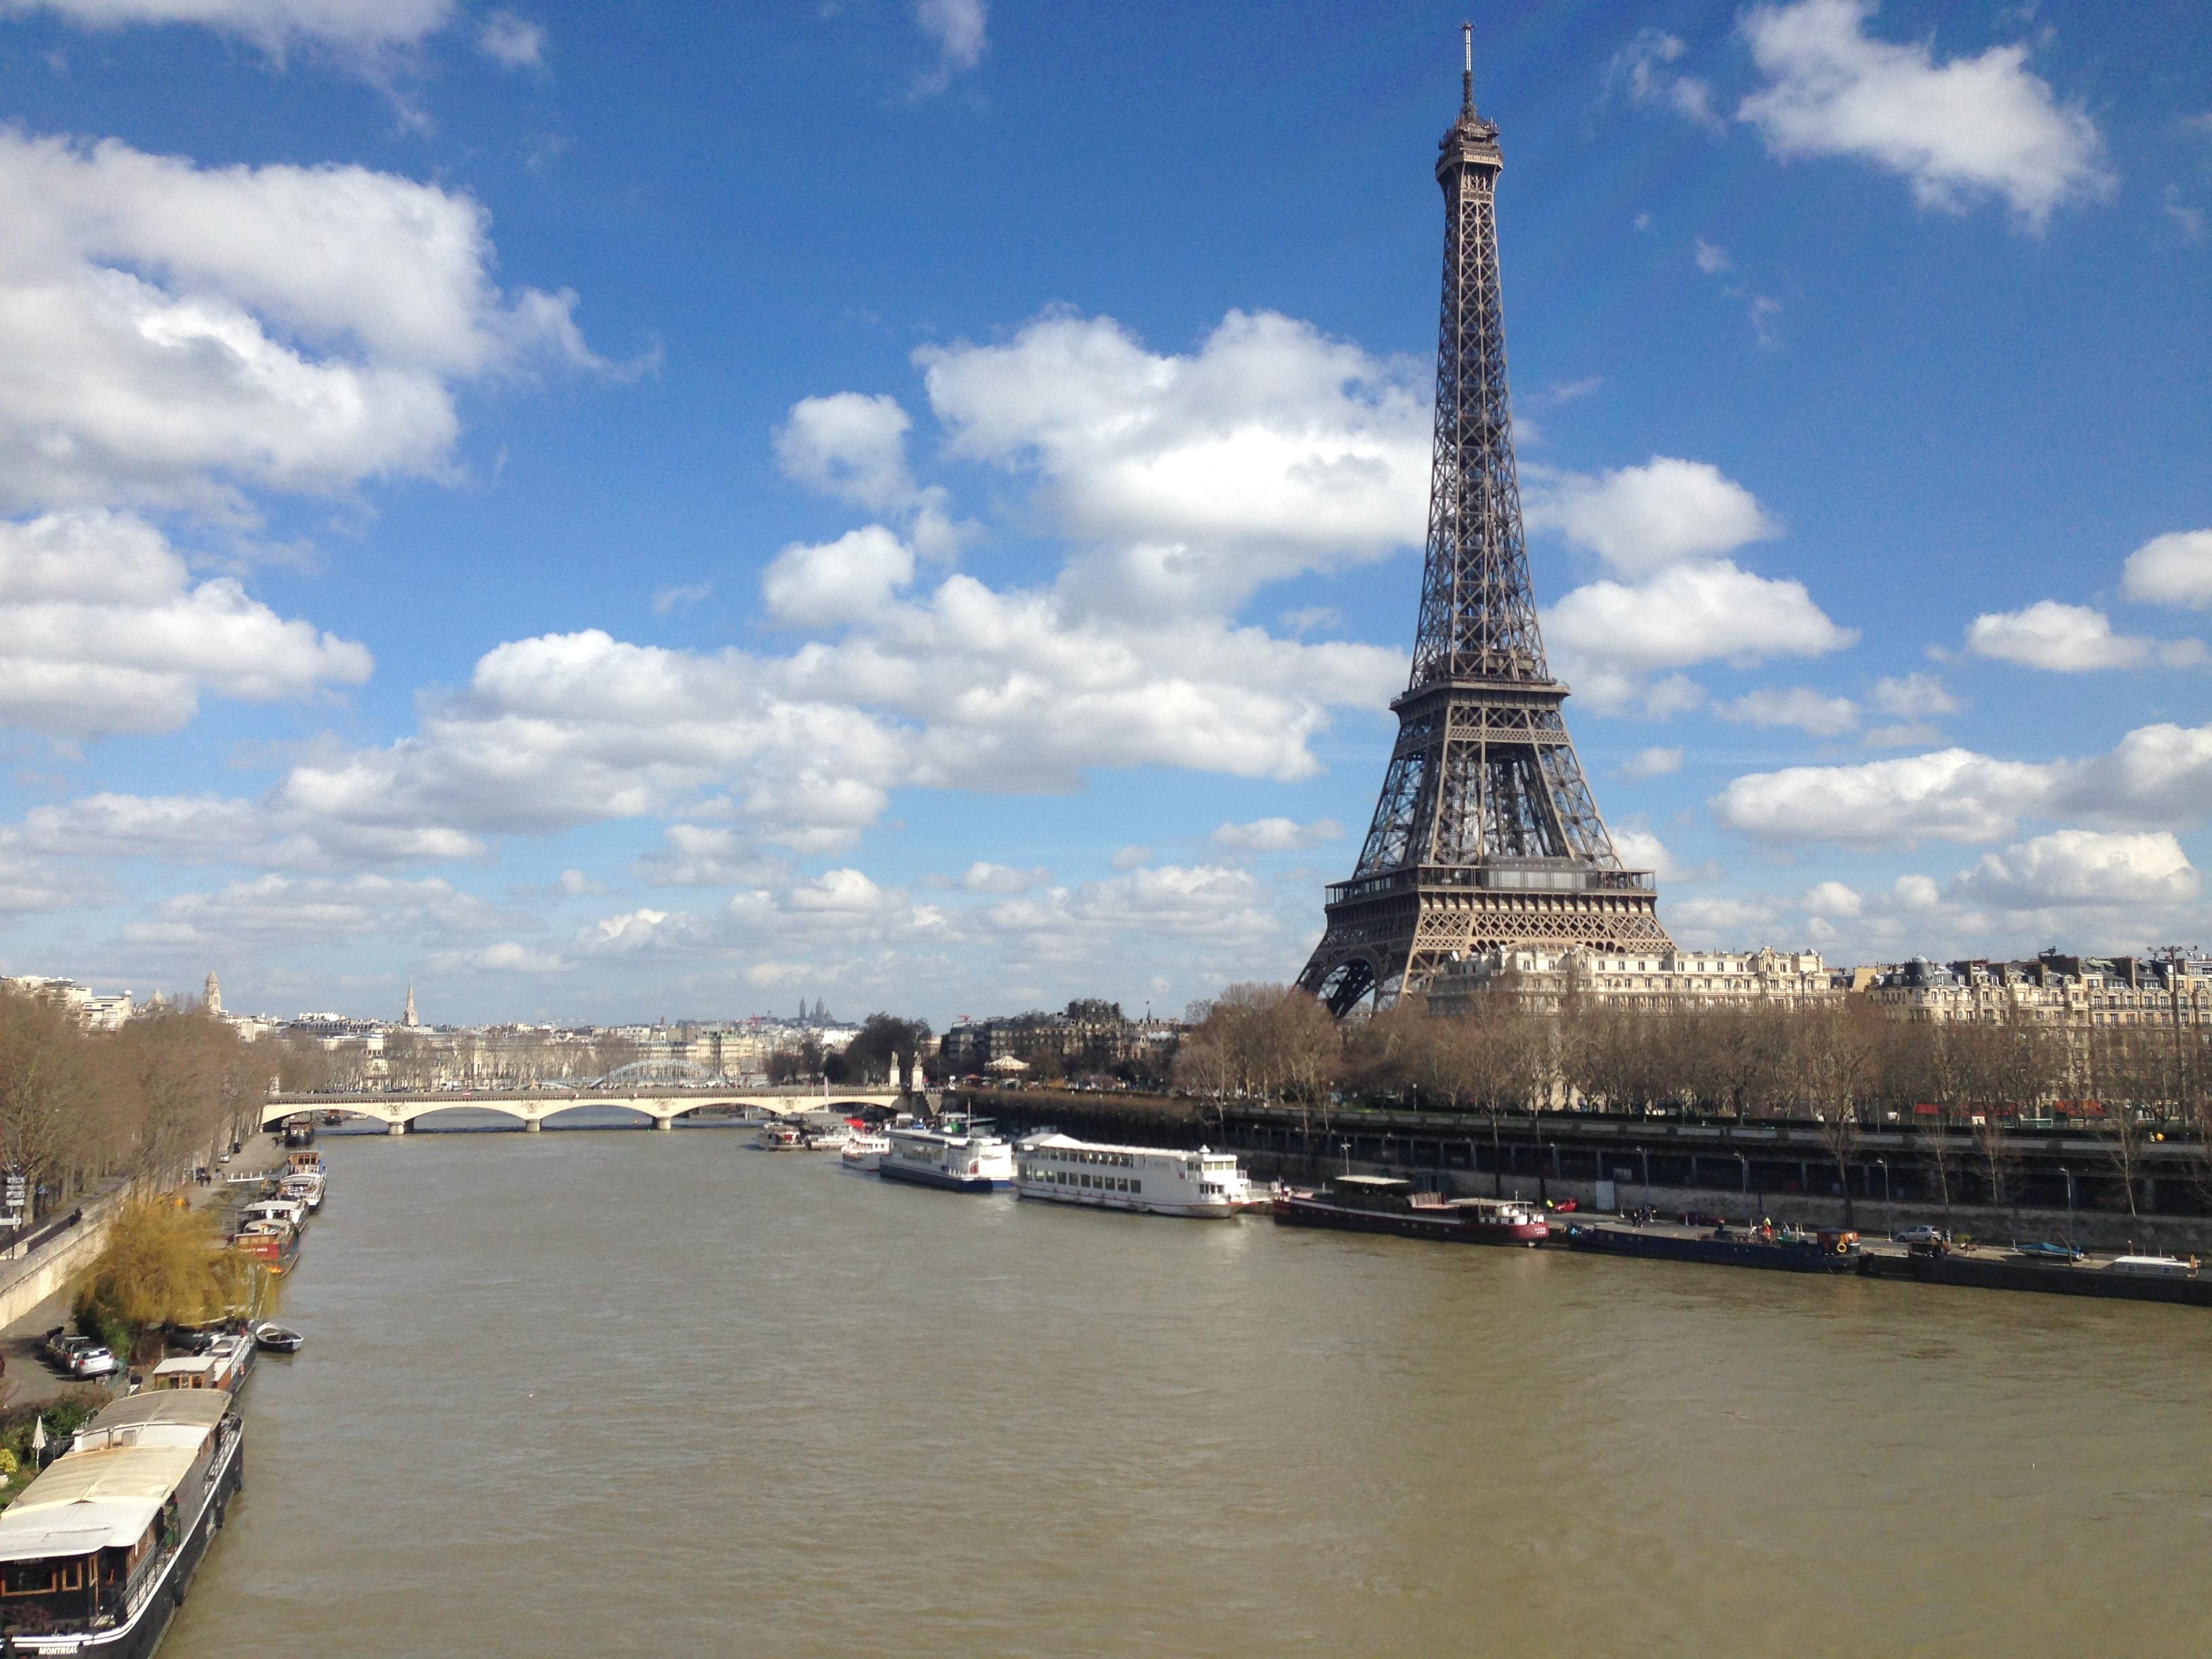 Eiffel Tower Dimensions Eiffel Tower by The Seine